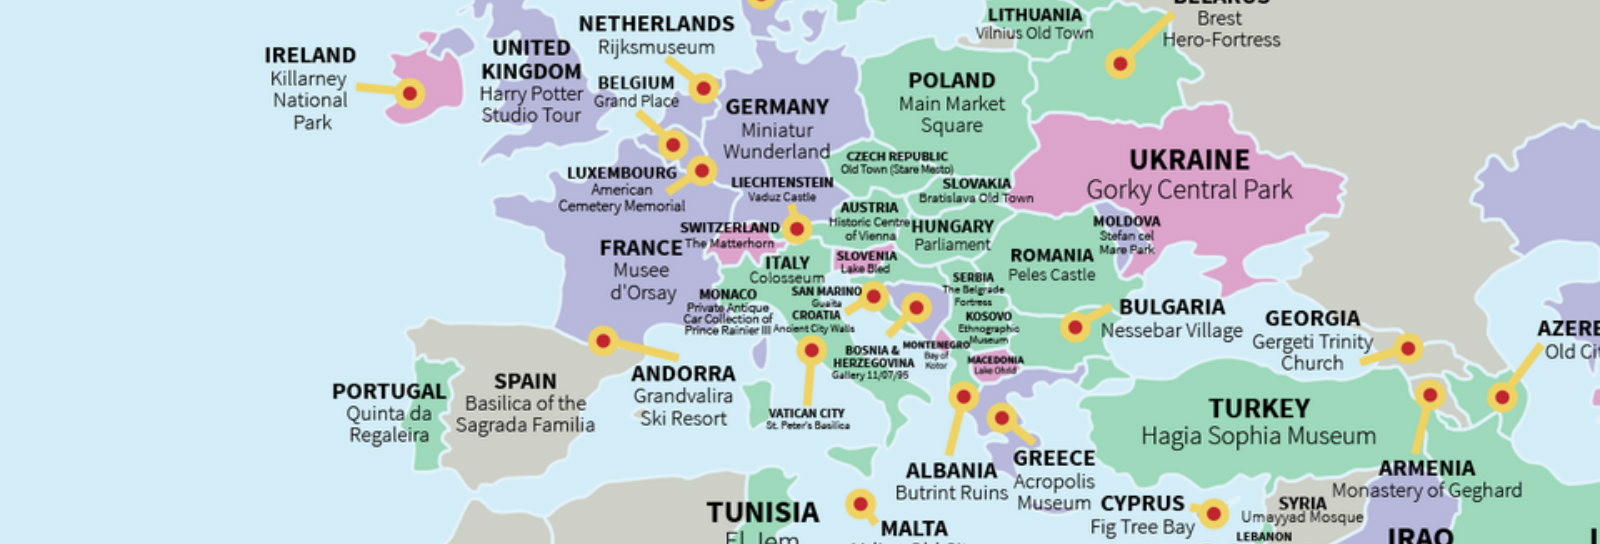 O que você não pode deixar de conhecer em cada país da Europa, segundo os turistas